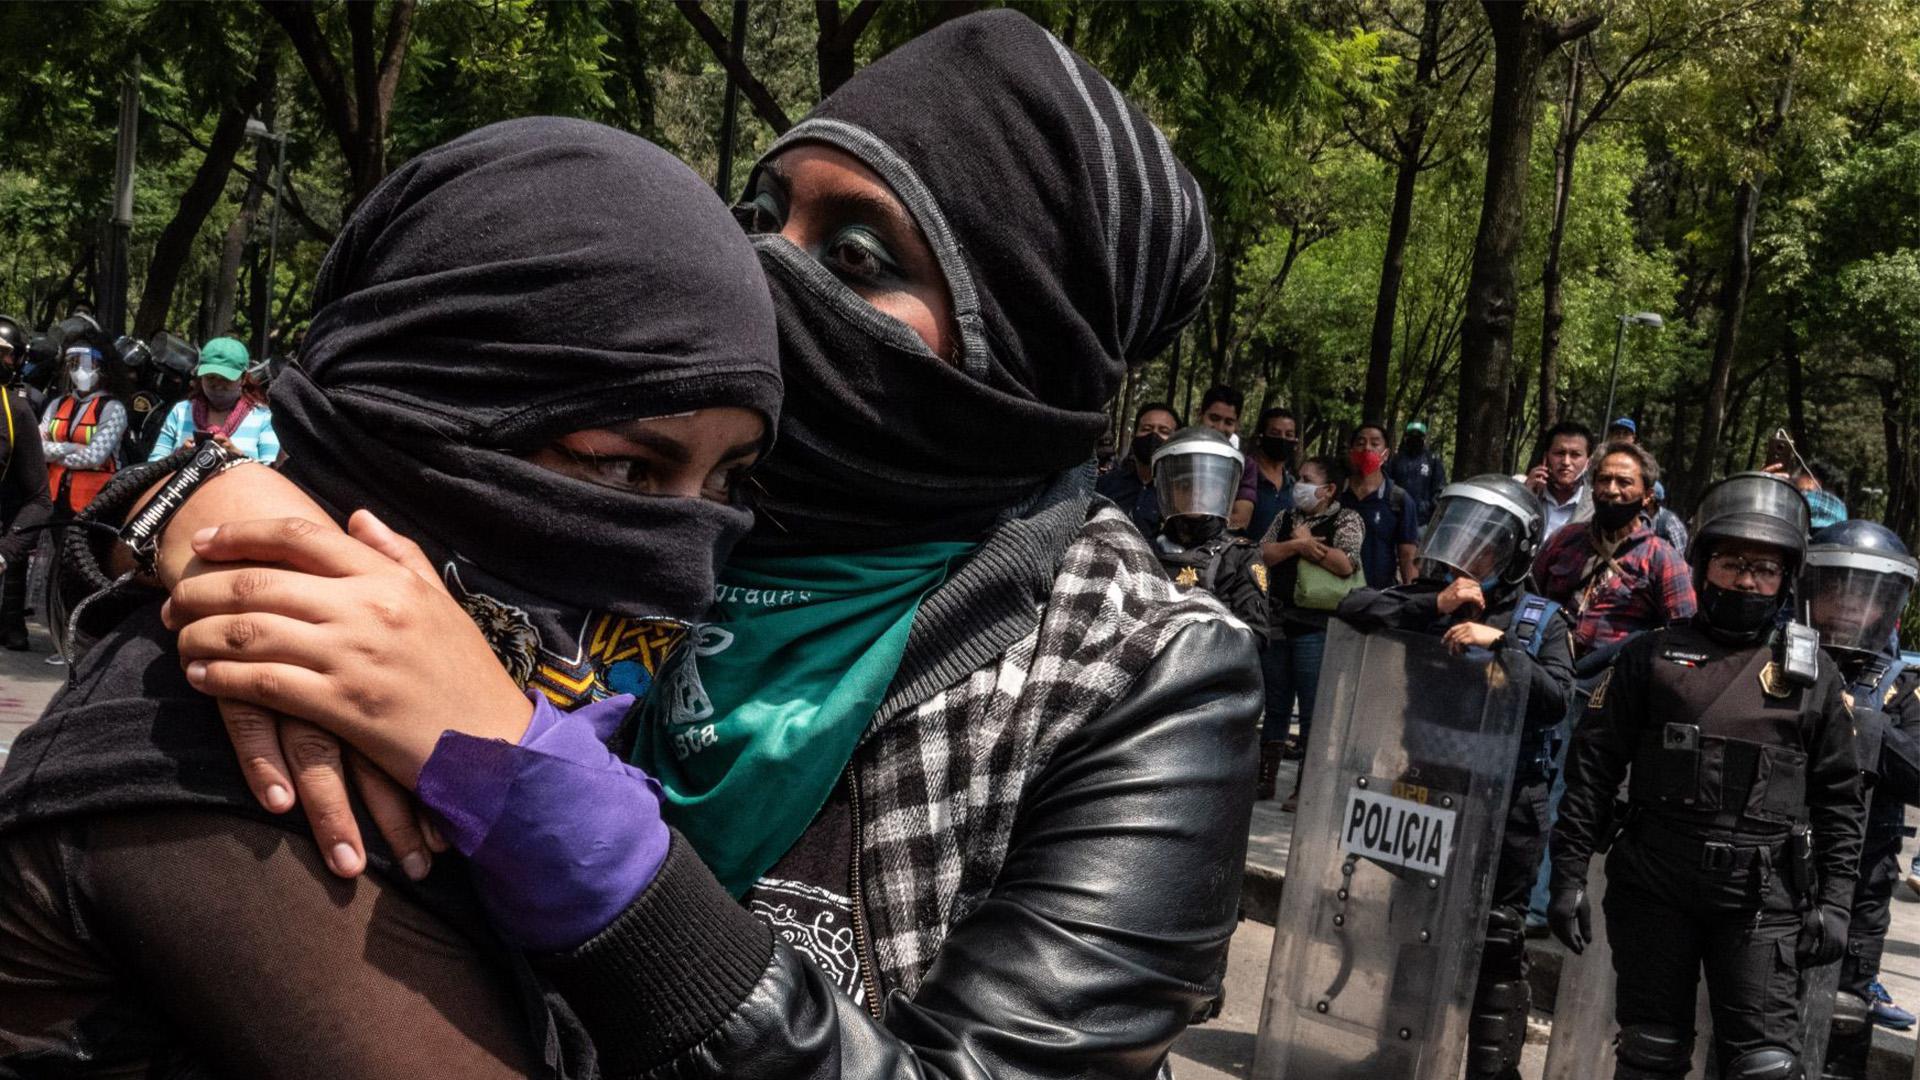 Manifestantes se abrazan durante la manifestación en contra de la decisión de la SCJN de no aprobar un proyecto de ley que legalizaría el aborto en el estado de Veracruz (Foto: Cuartoscuro)